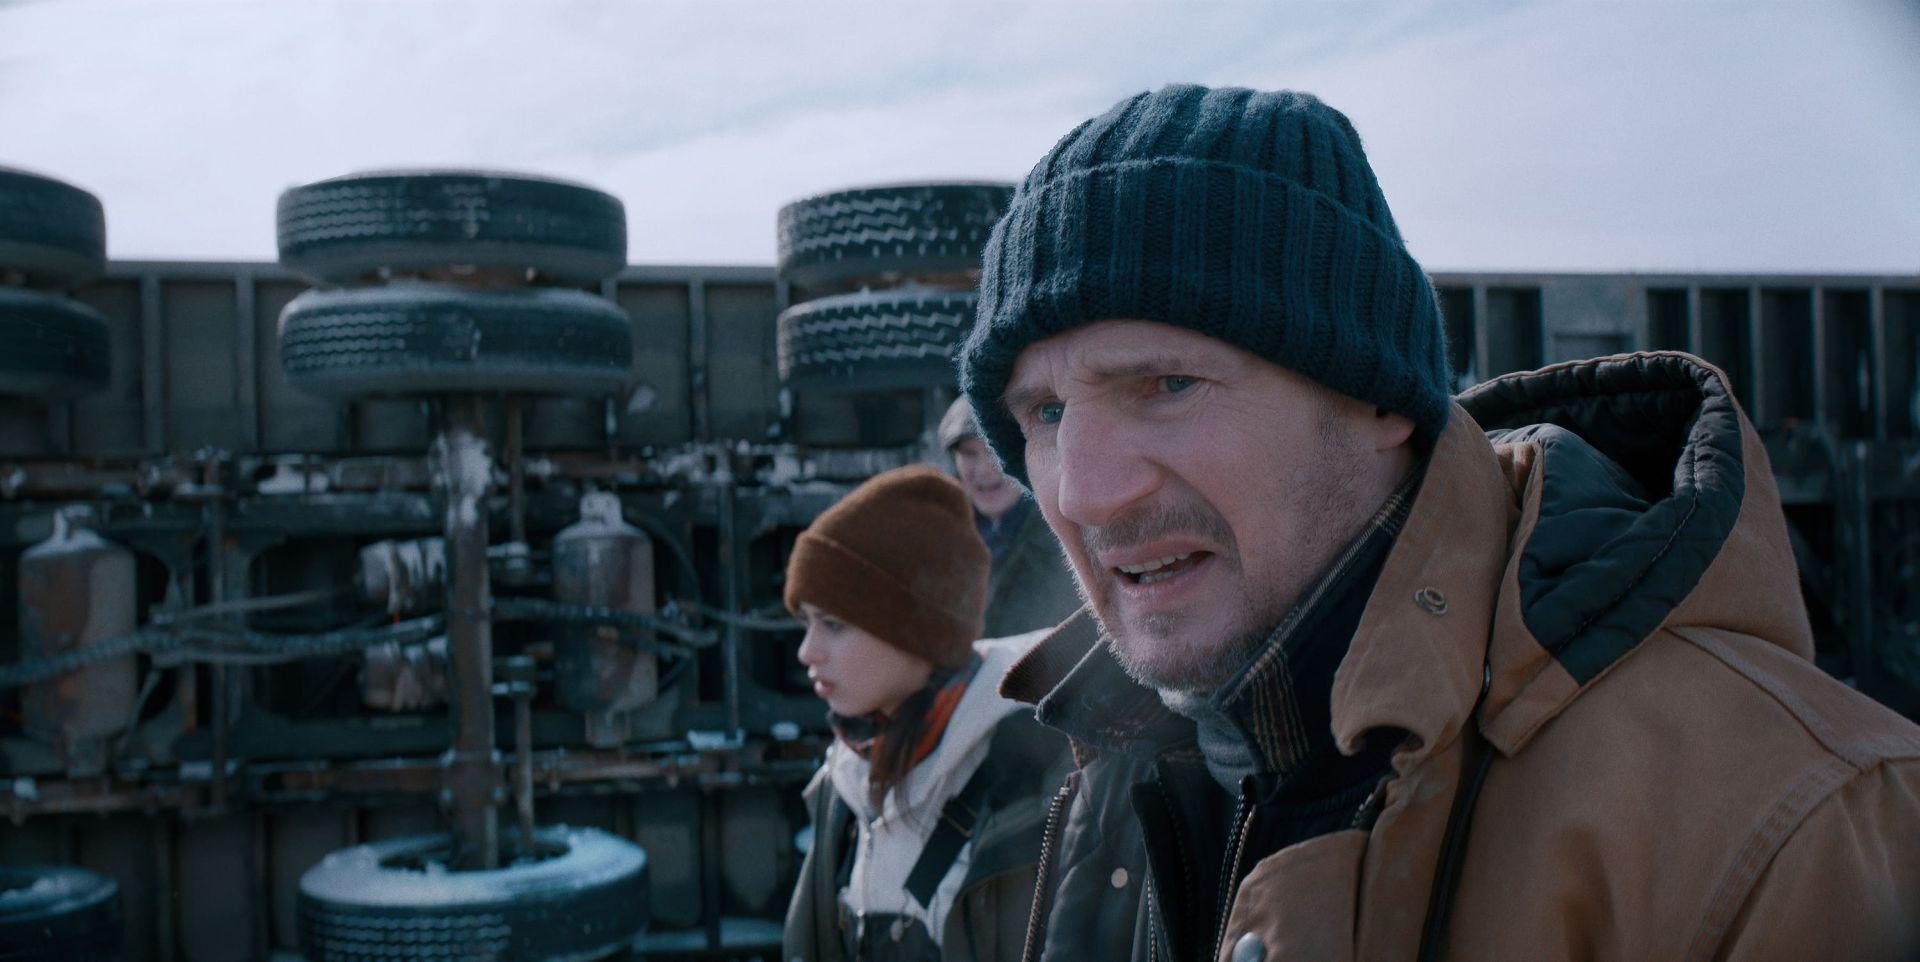 亿万巨星连恩尼逊在新片《疾冻救援》正义感十足,组成紧急救难队,要救出受困矿工